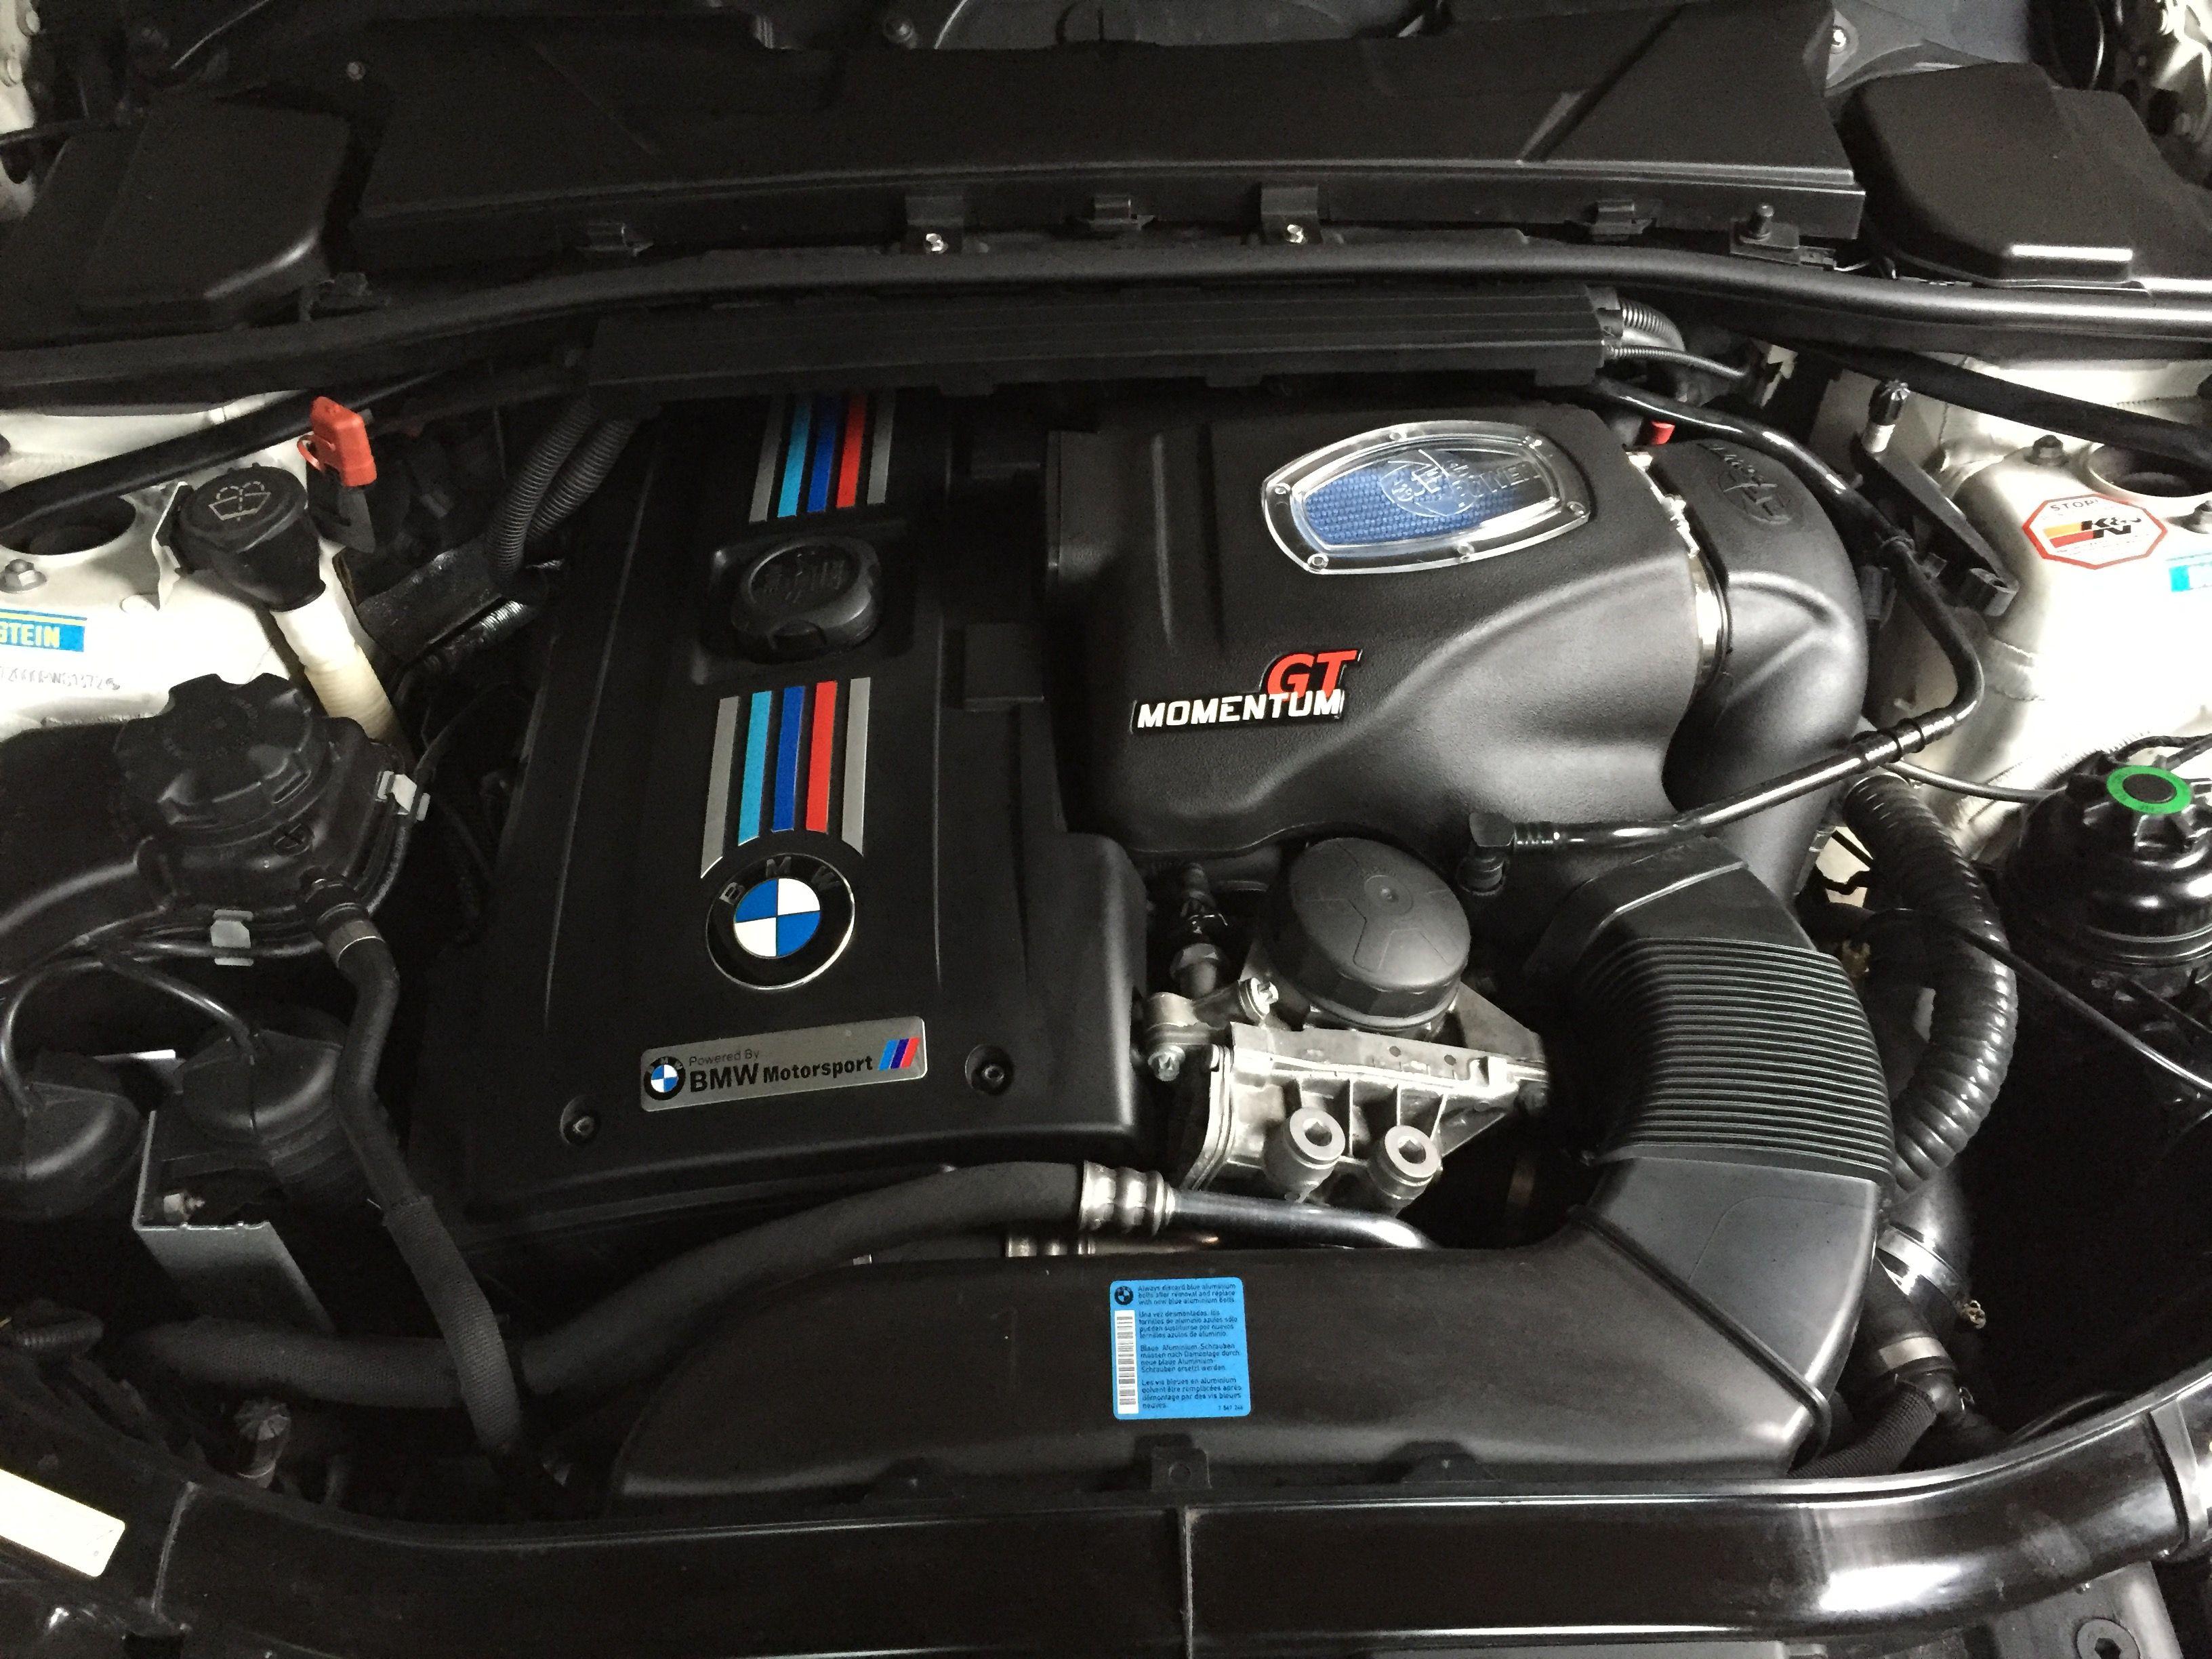 AFe Momentum GT Cold Air Intake N54 BMW 335i E92 N54